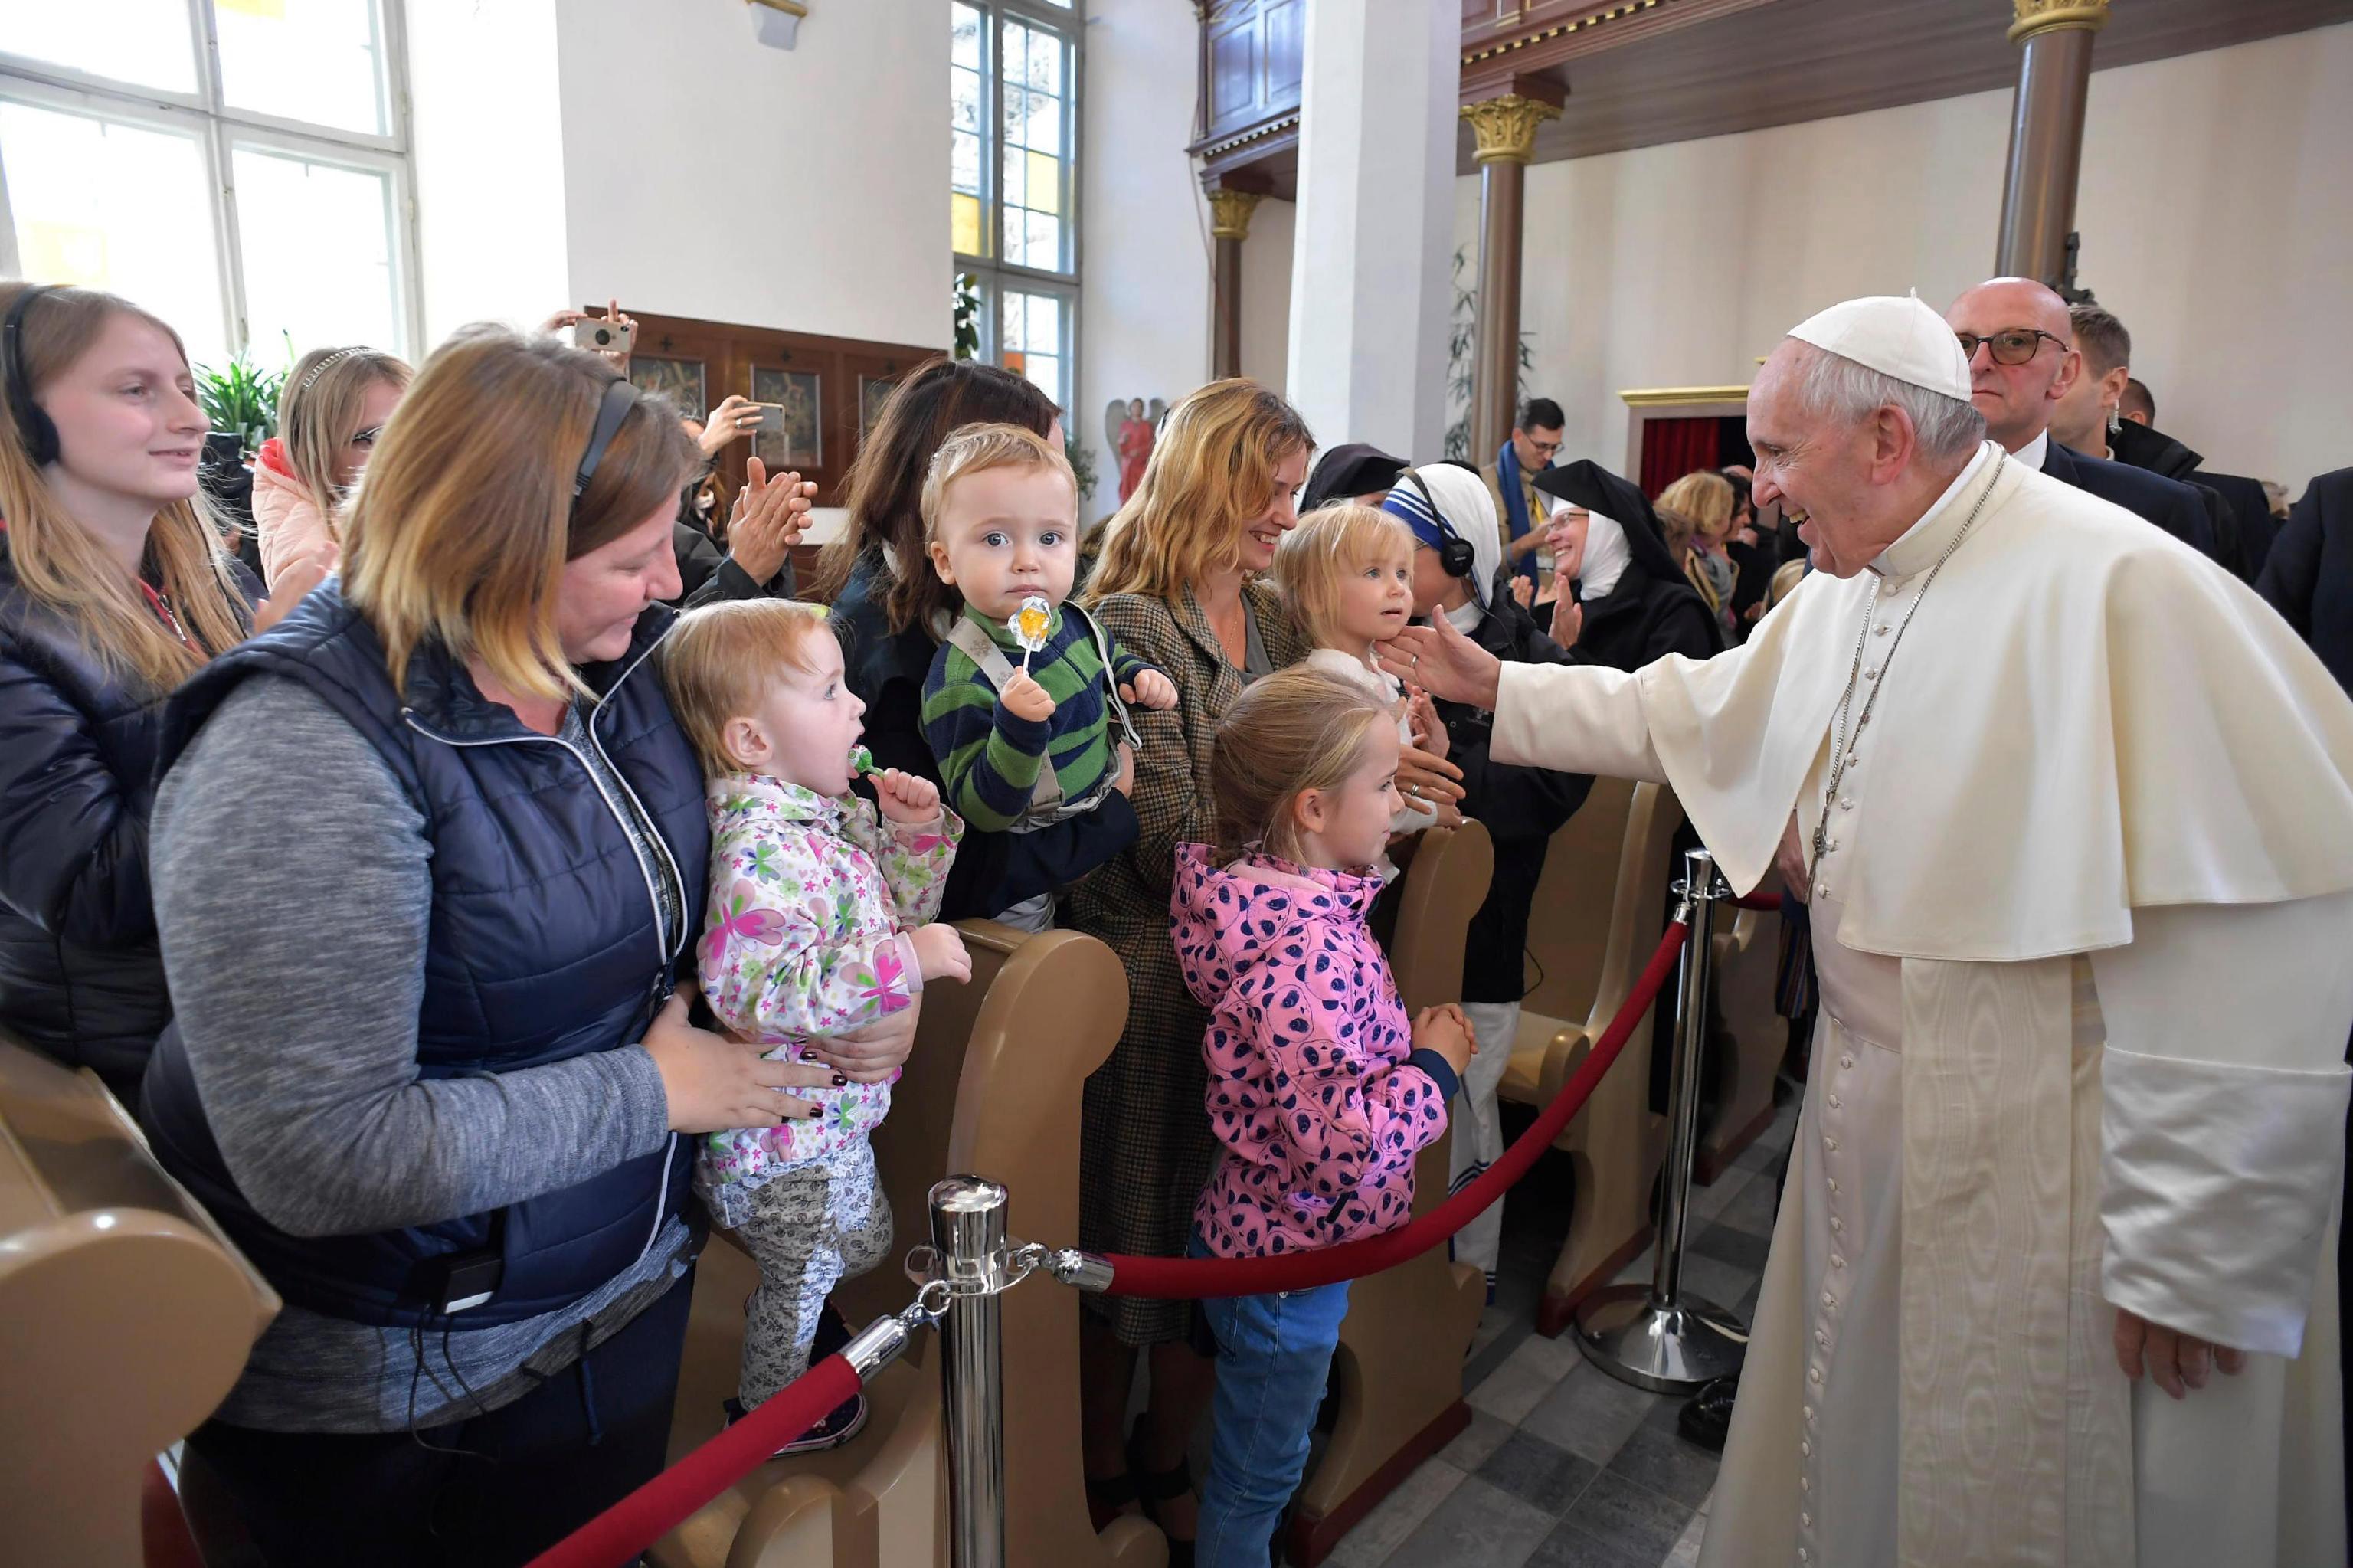 Papa Francisco participando no encontro com o povo assistido pelas obras de caridade da Igreja na Catedral de São Pedro e São Paulo em Tallinn, Estônia, 25 de setembro de 2018. EPA / MÍDIA VATICANA